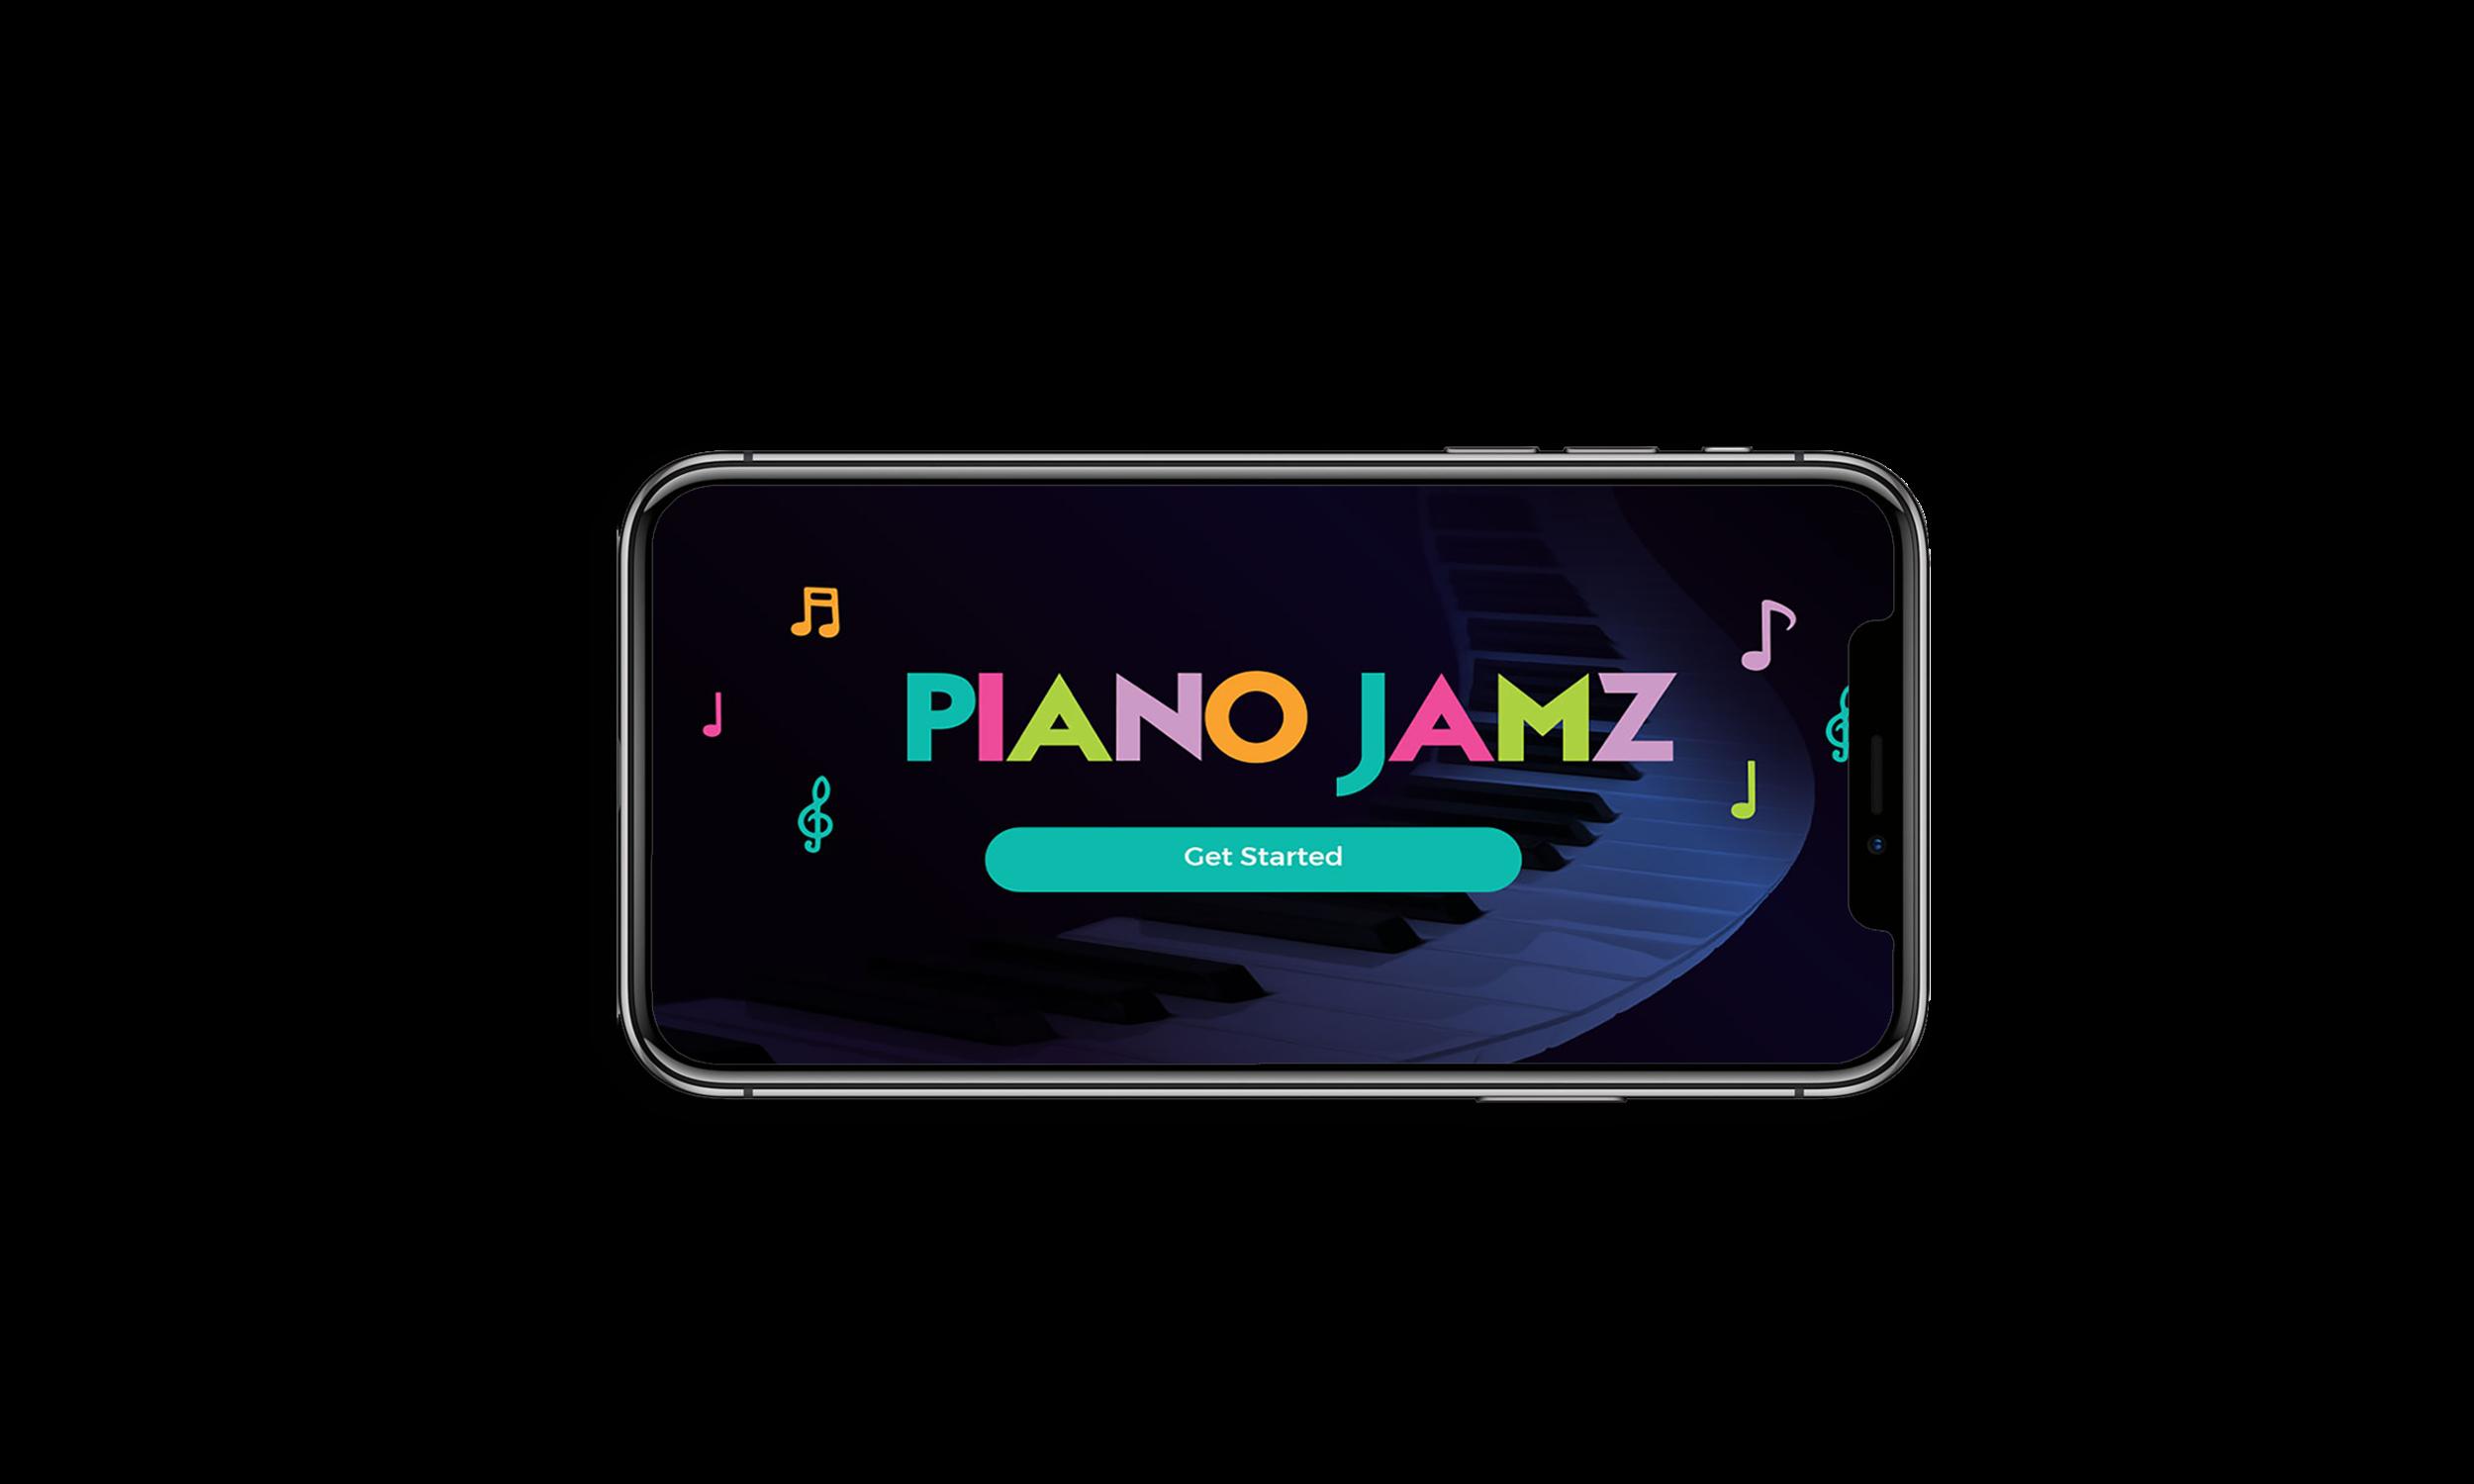 pianojamziphonex.png